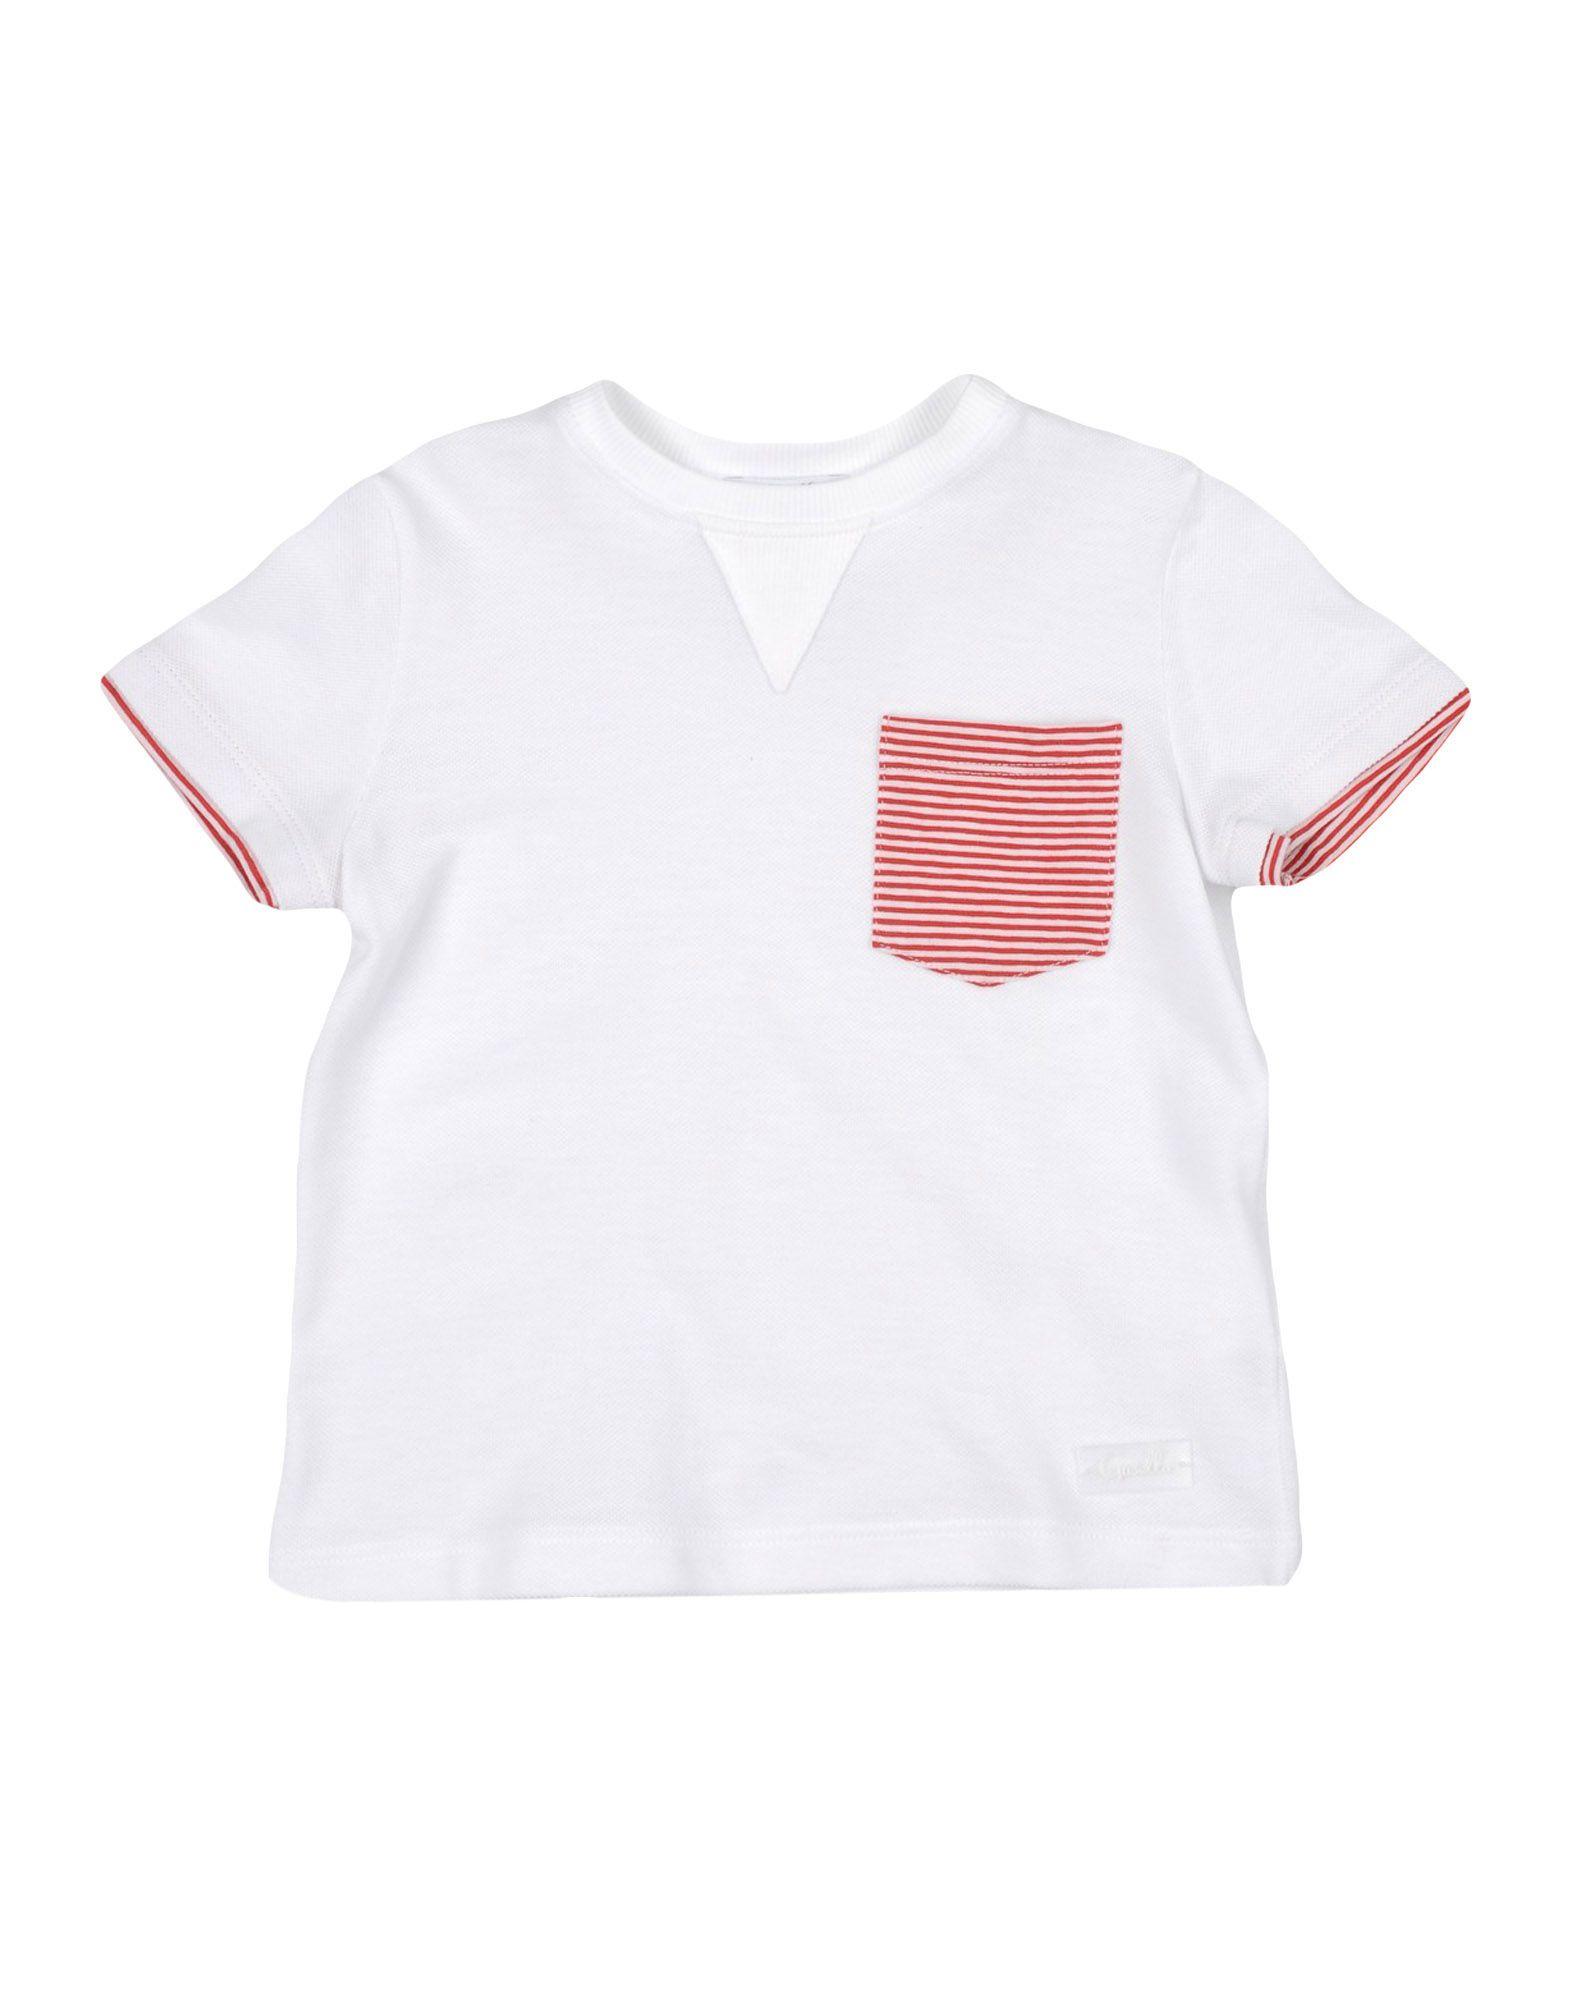 GUSELLA Tshirts